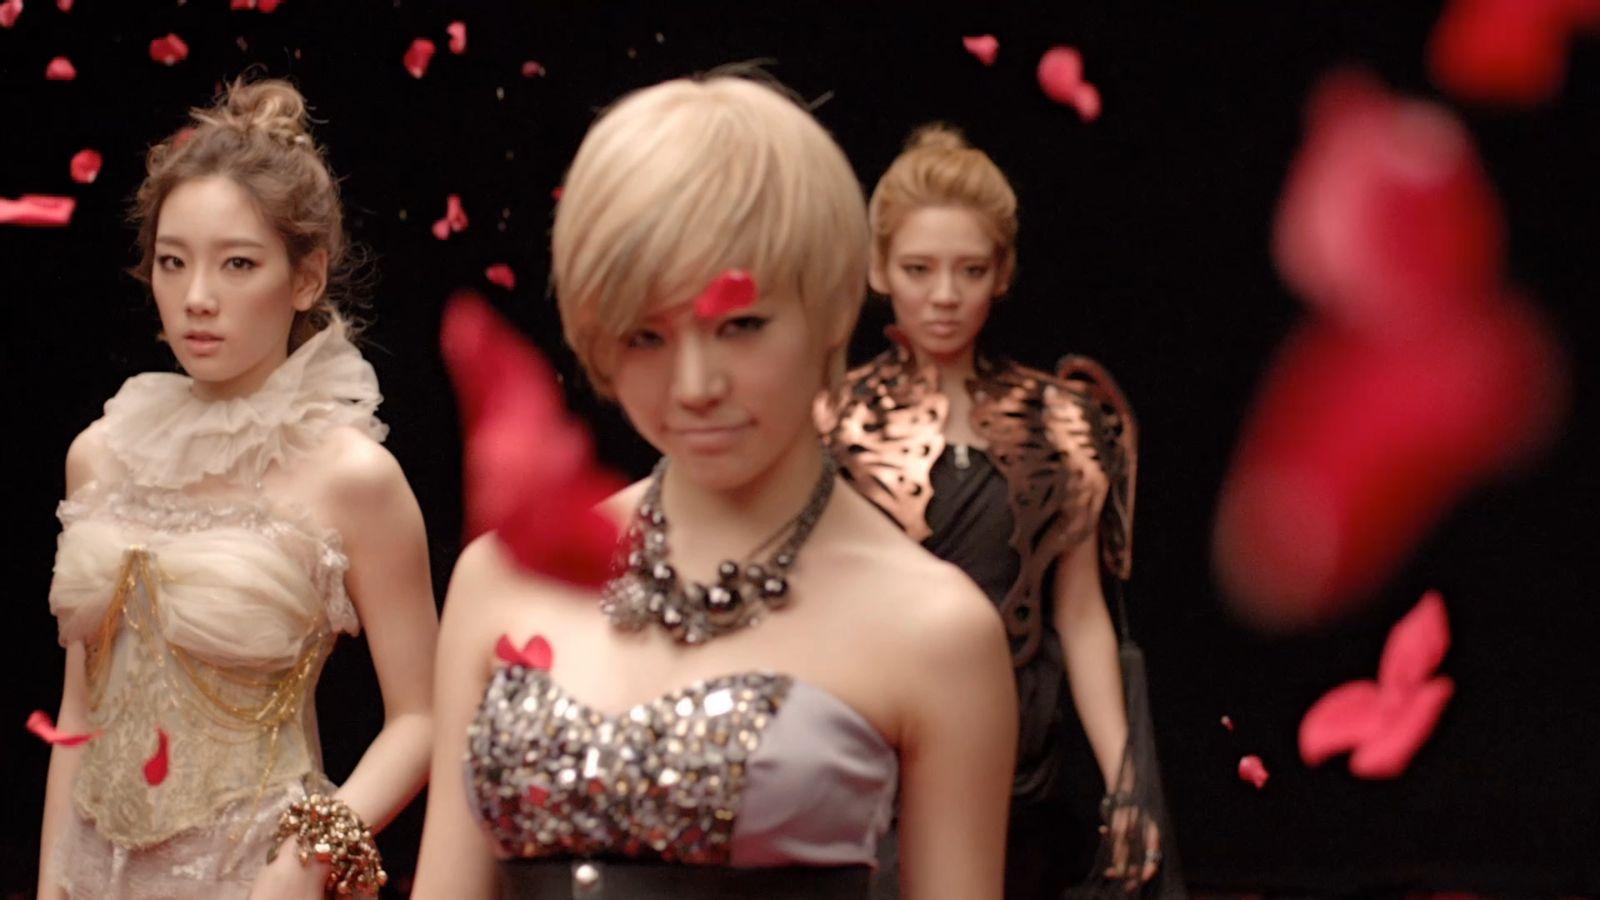 韩国女子组合mv里有个片段是一个女的坐在镜子面前后面有个男的手搭在